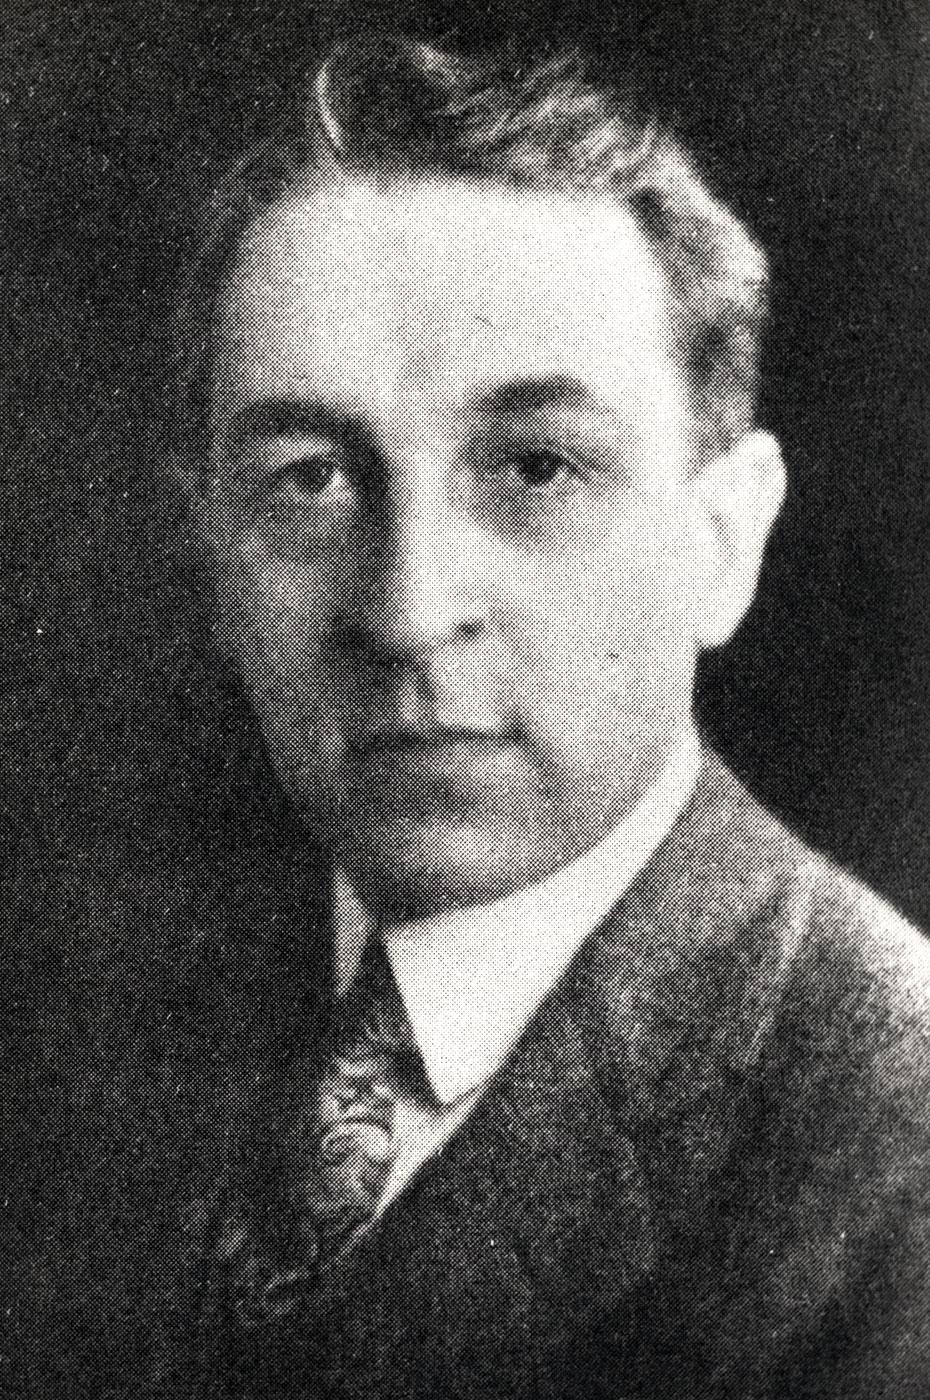 Leroy M. Law